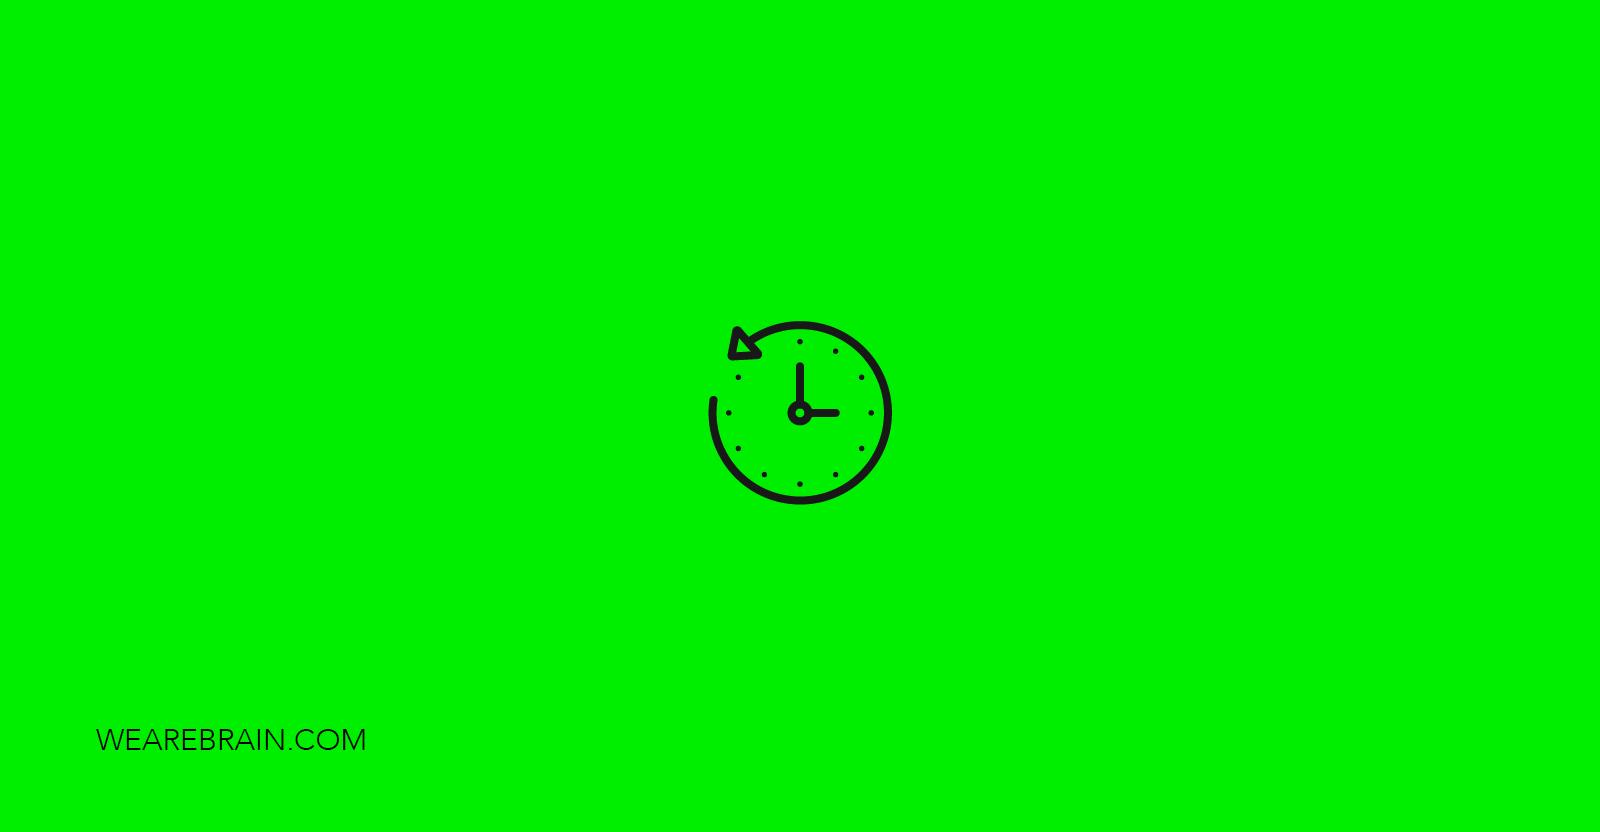 icon representing a clock